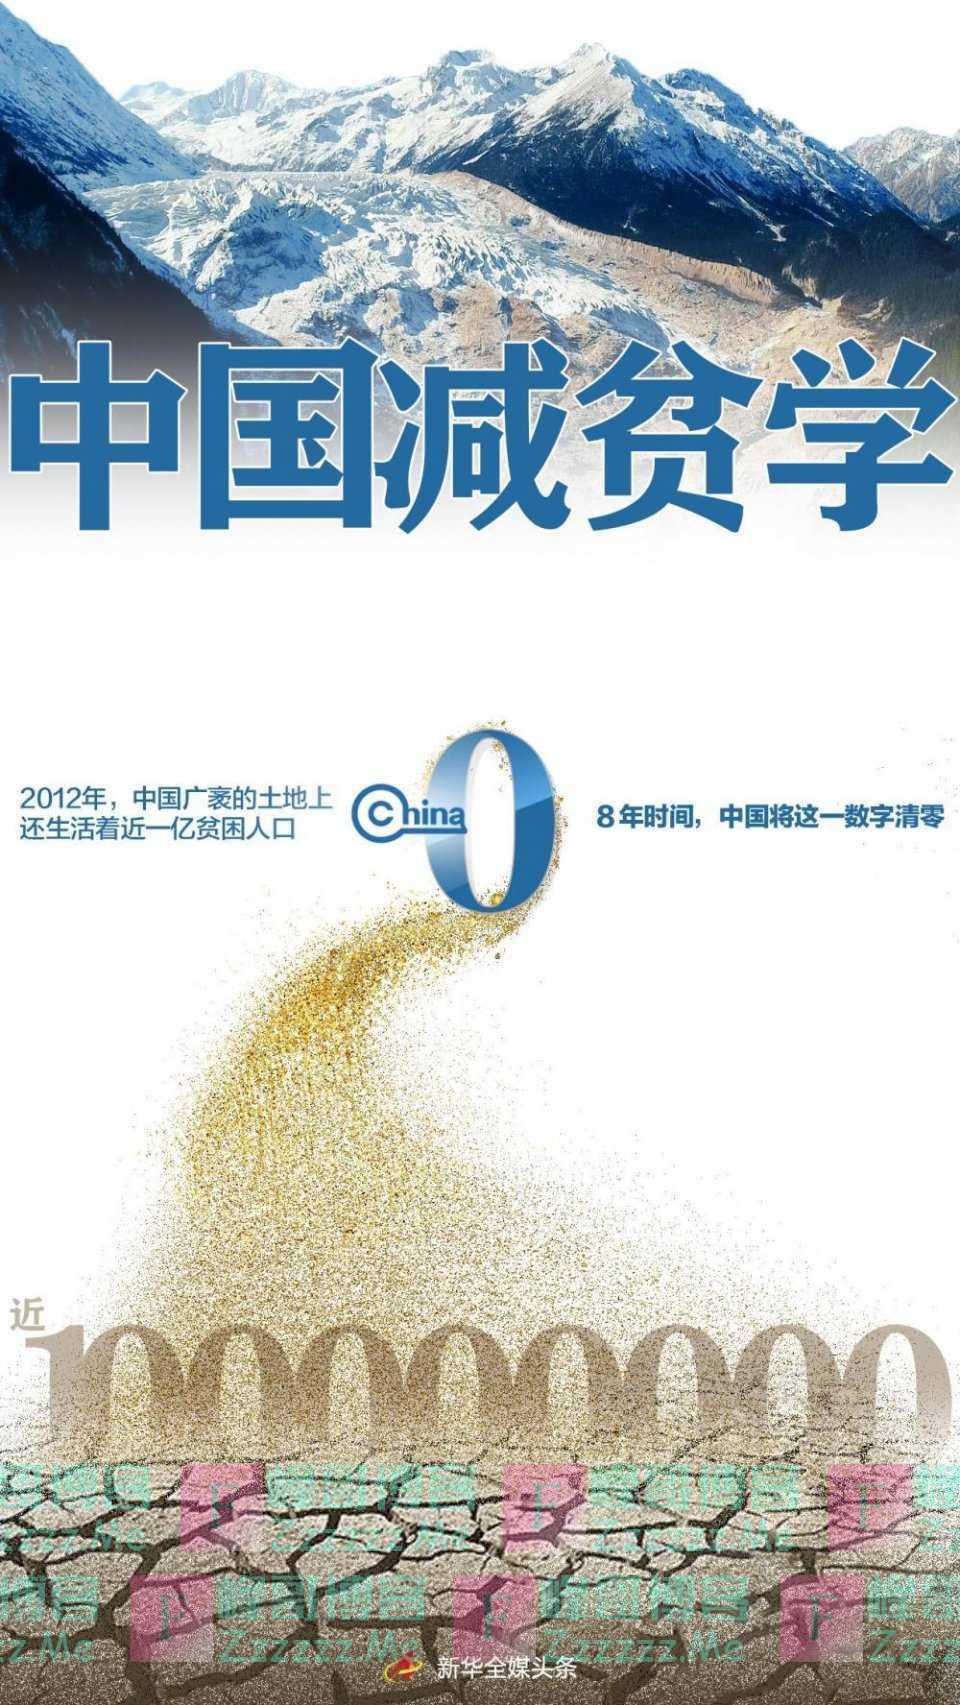 《中国减贫学》智库报告向全球发布